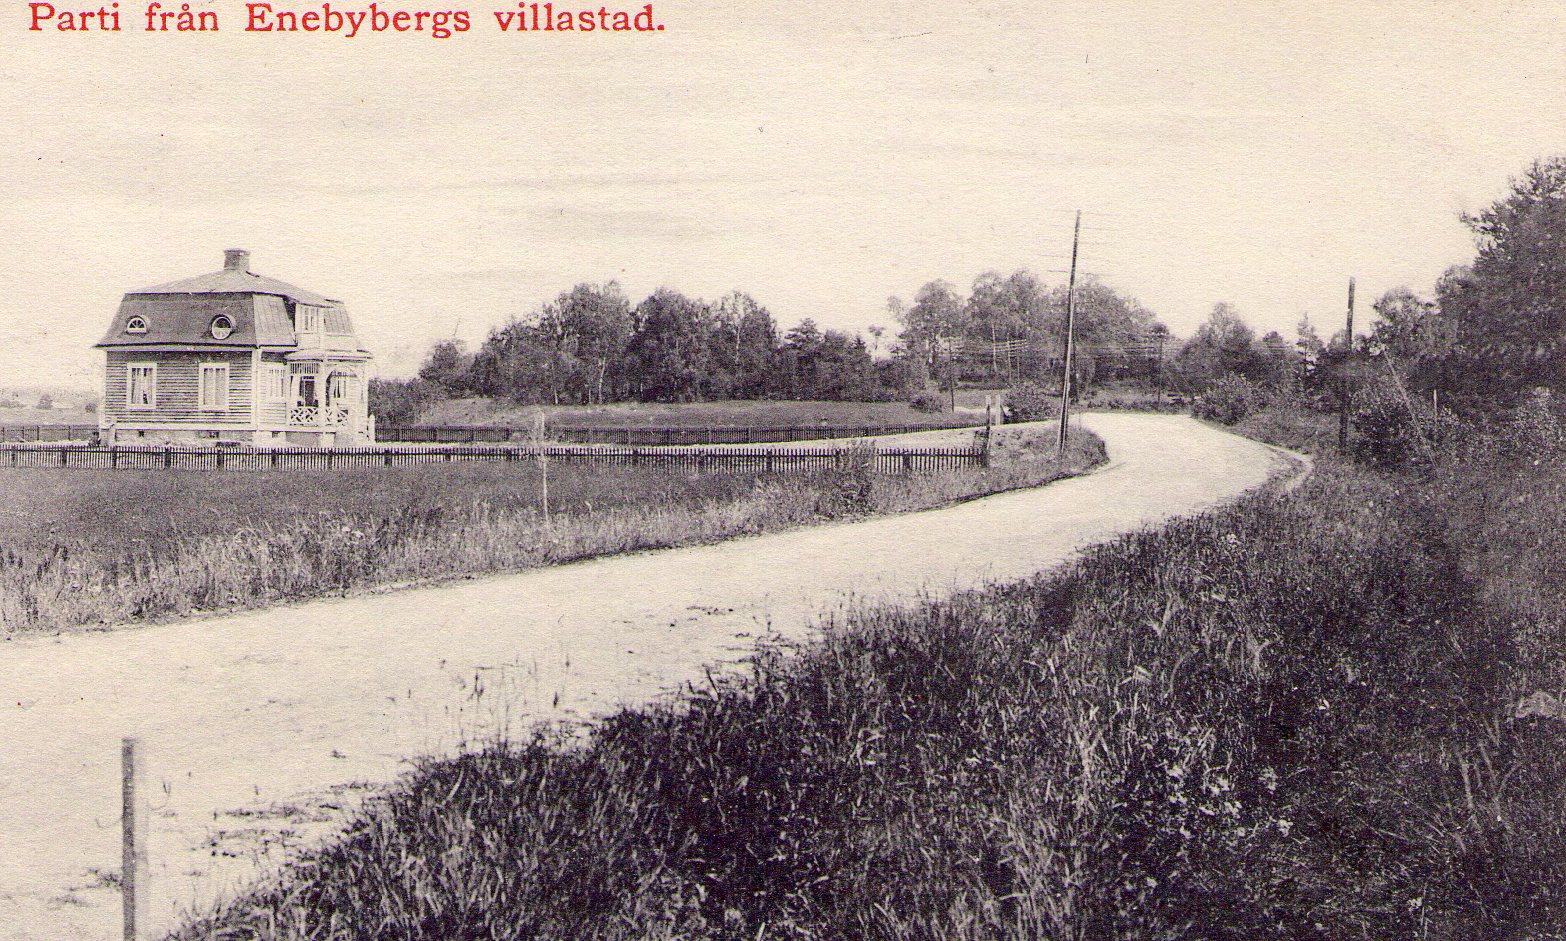 enebyberg-villastad